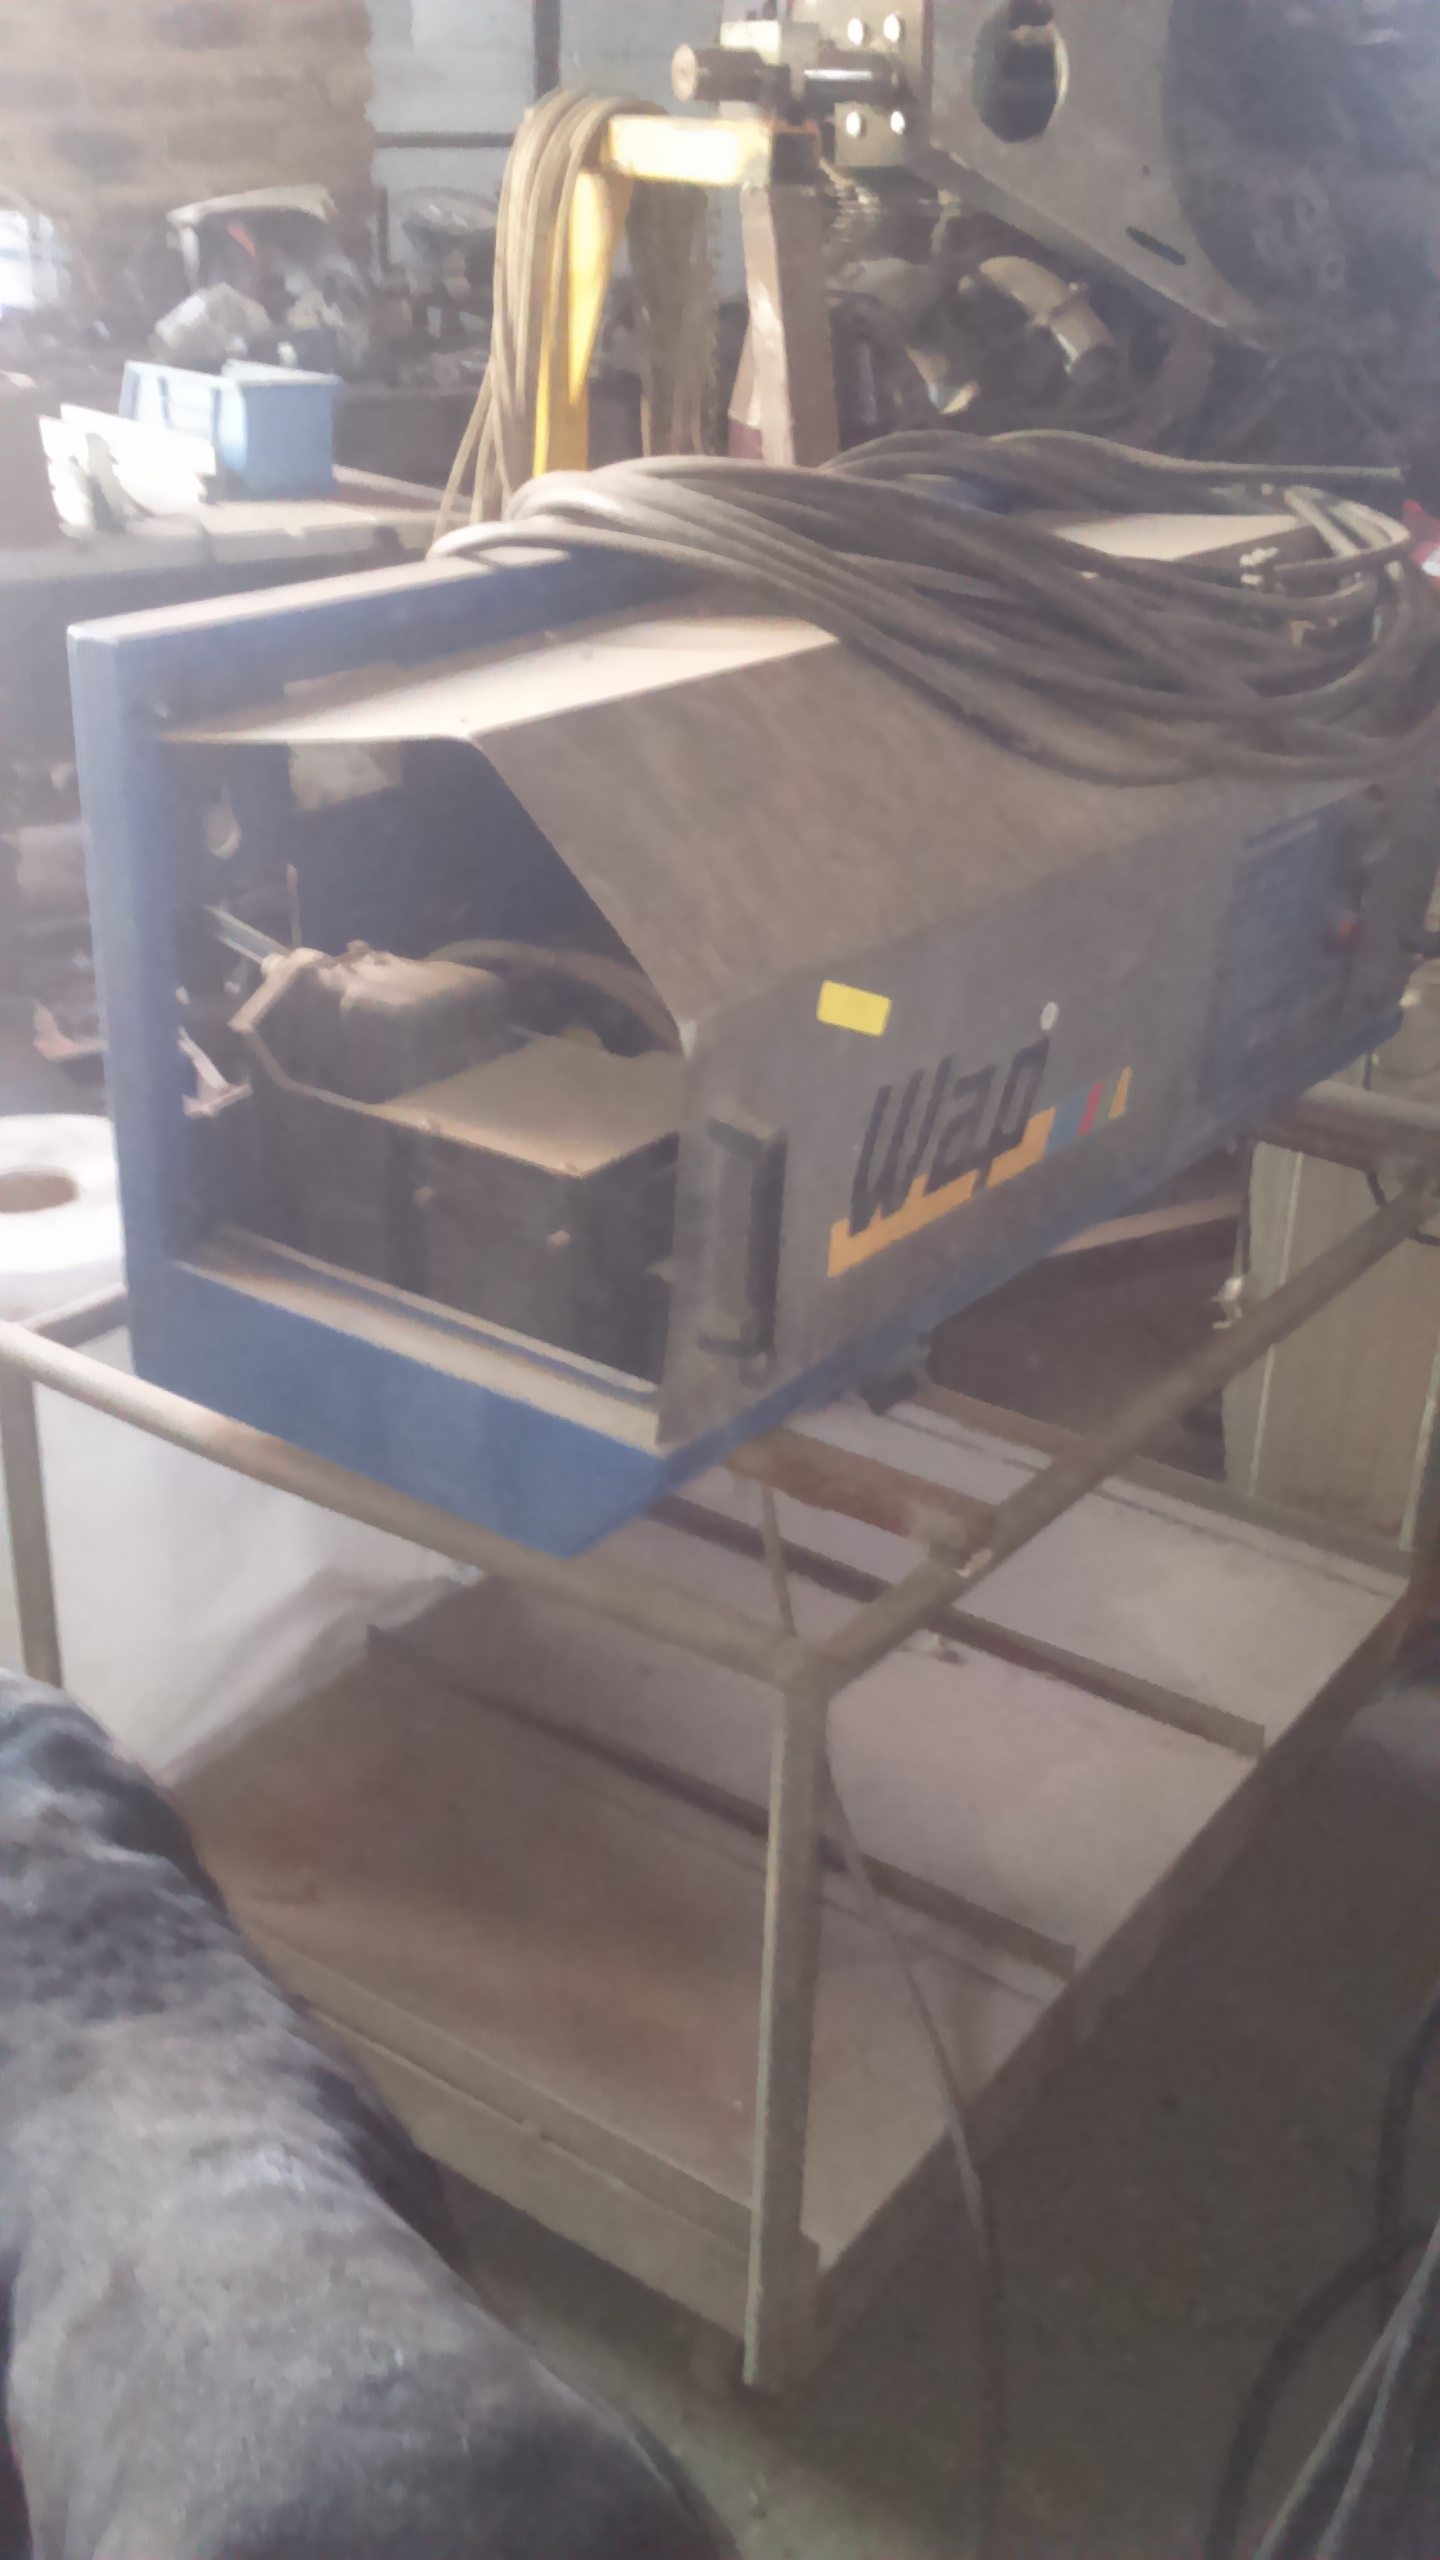 Wap industrial pressure cleaner